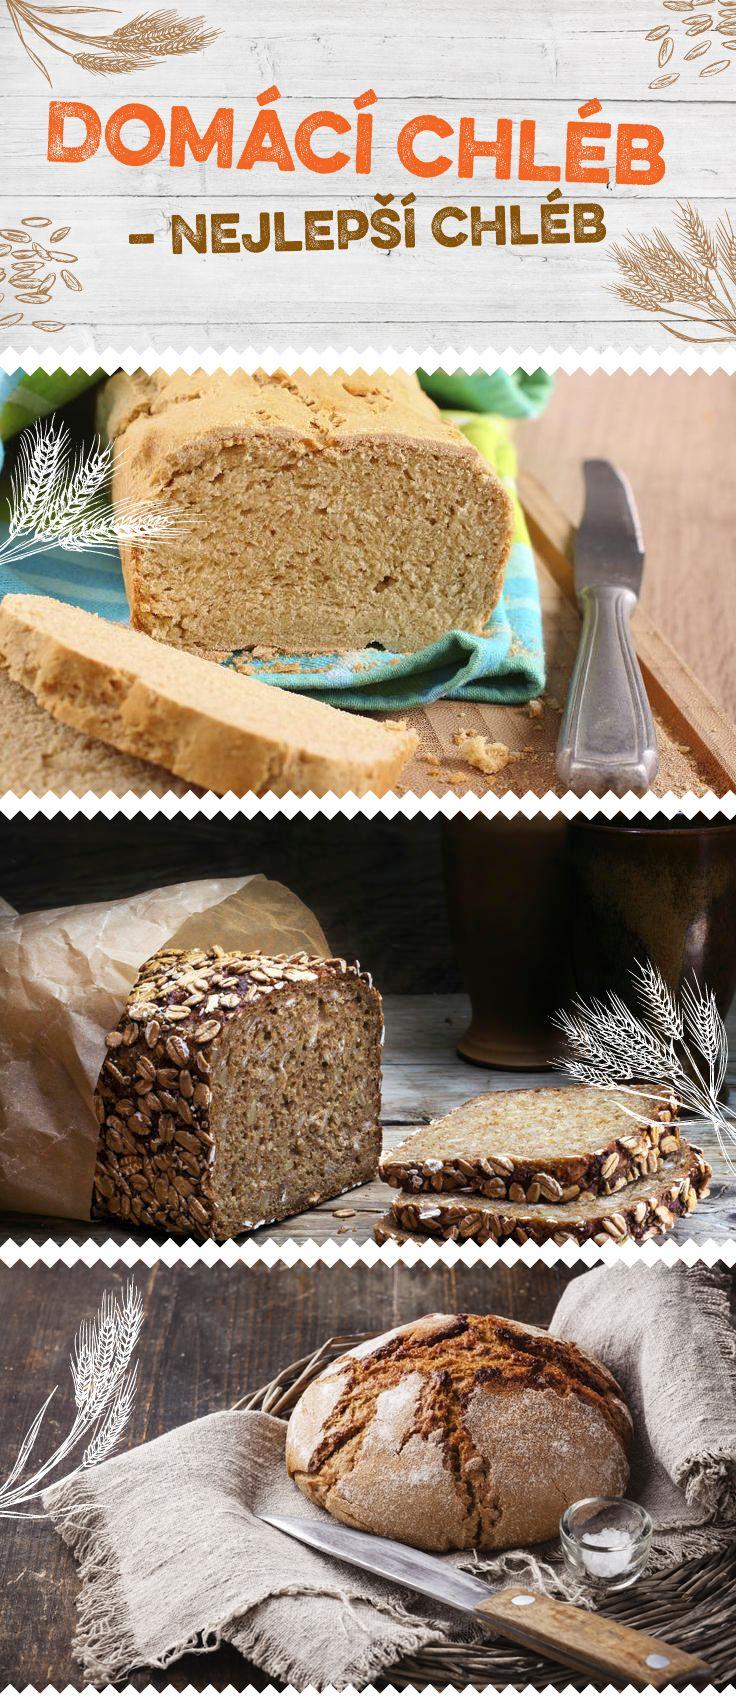 Připravte si domácí chléb